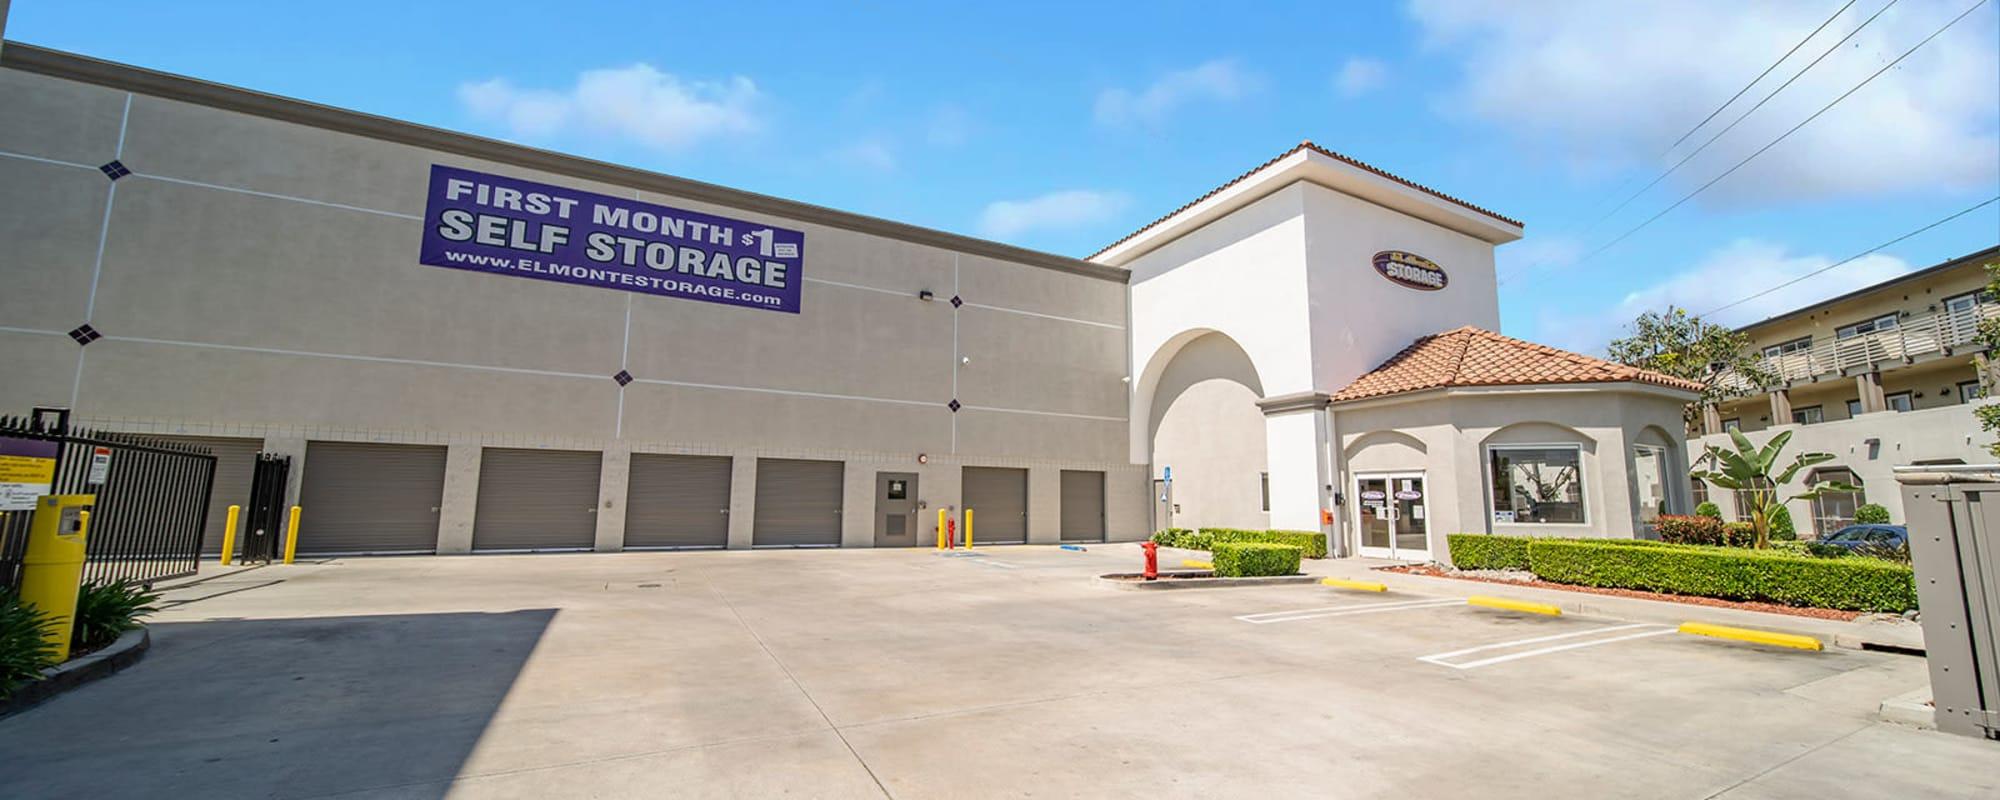 El Monte Storage in El Monte, California